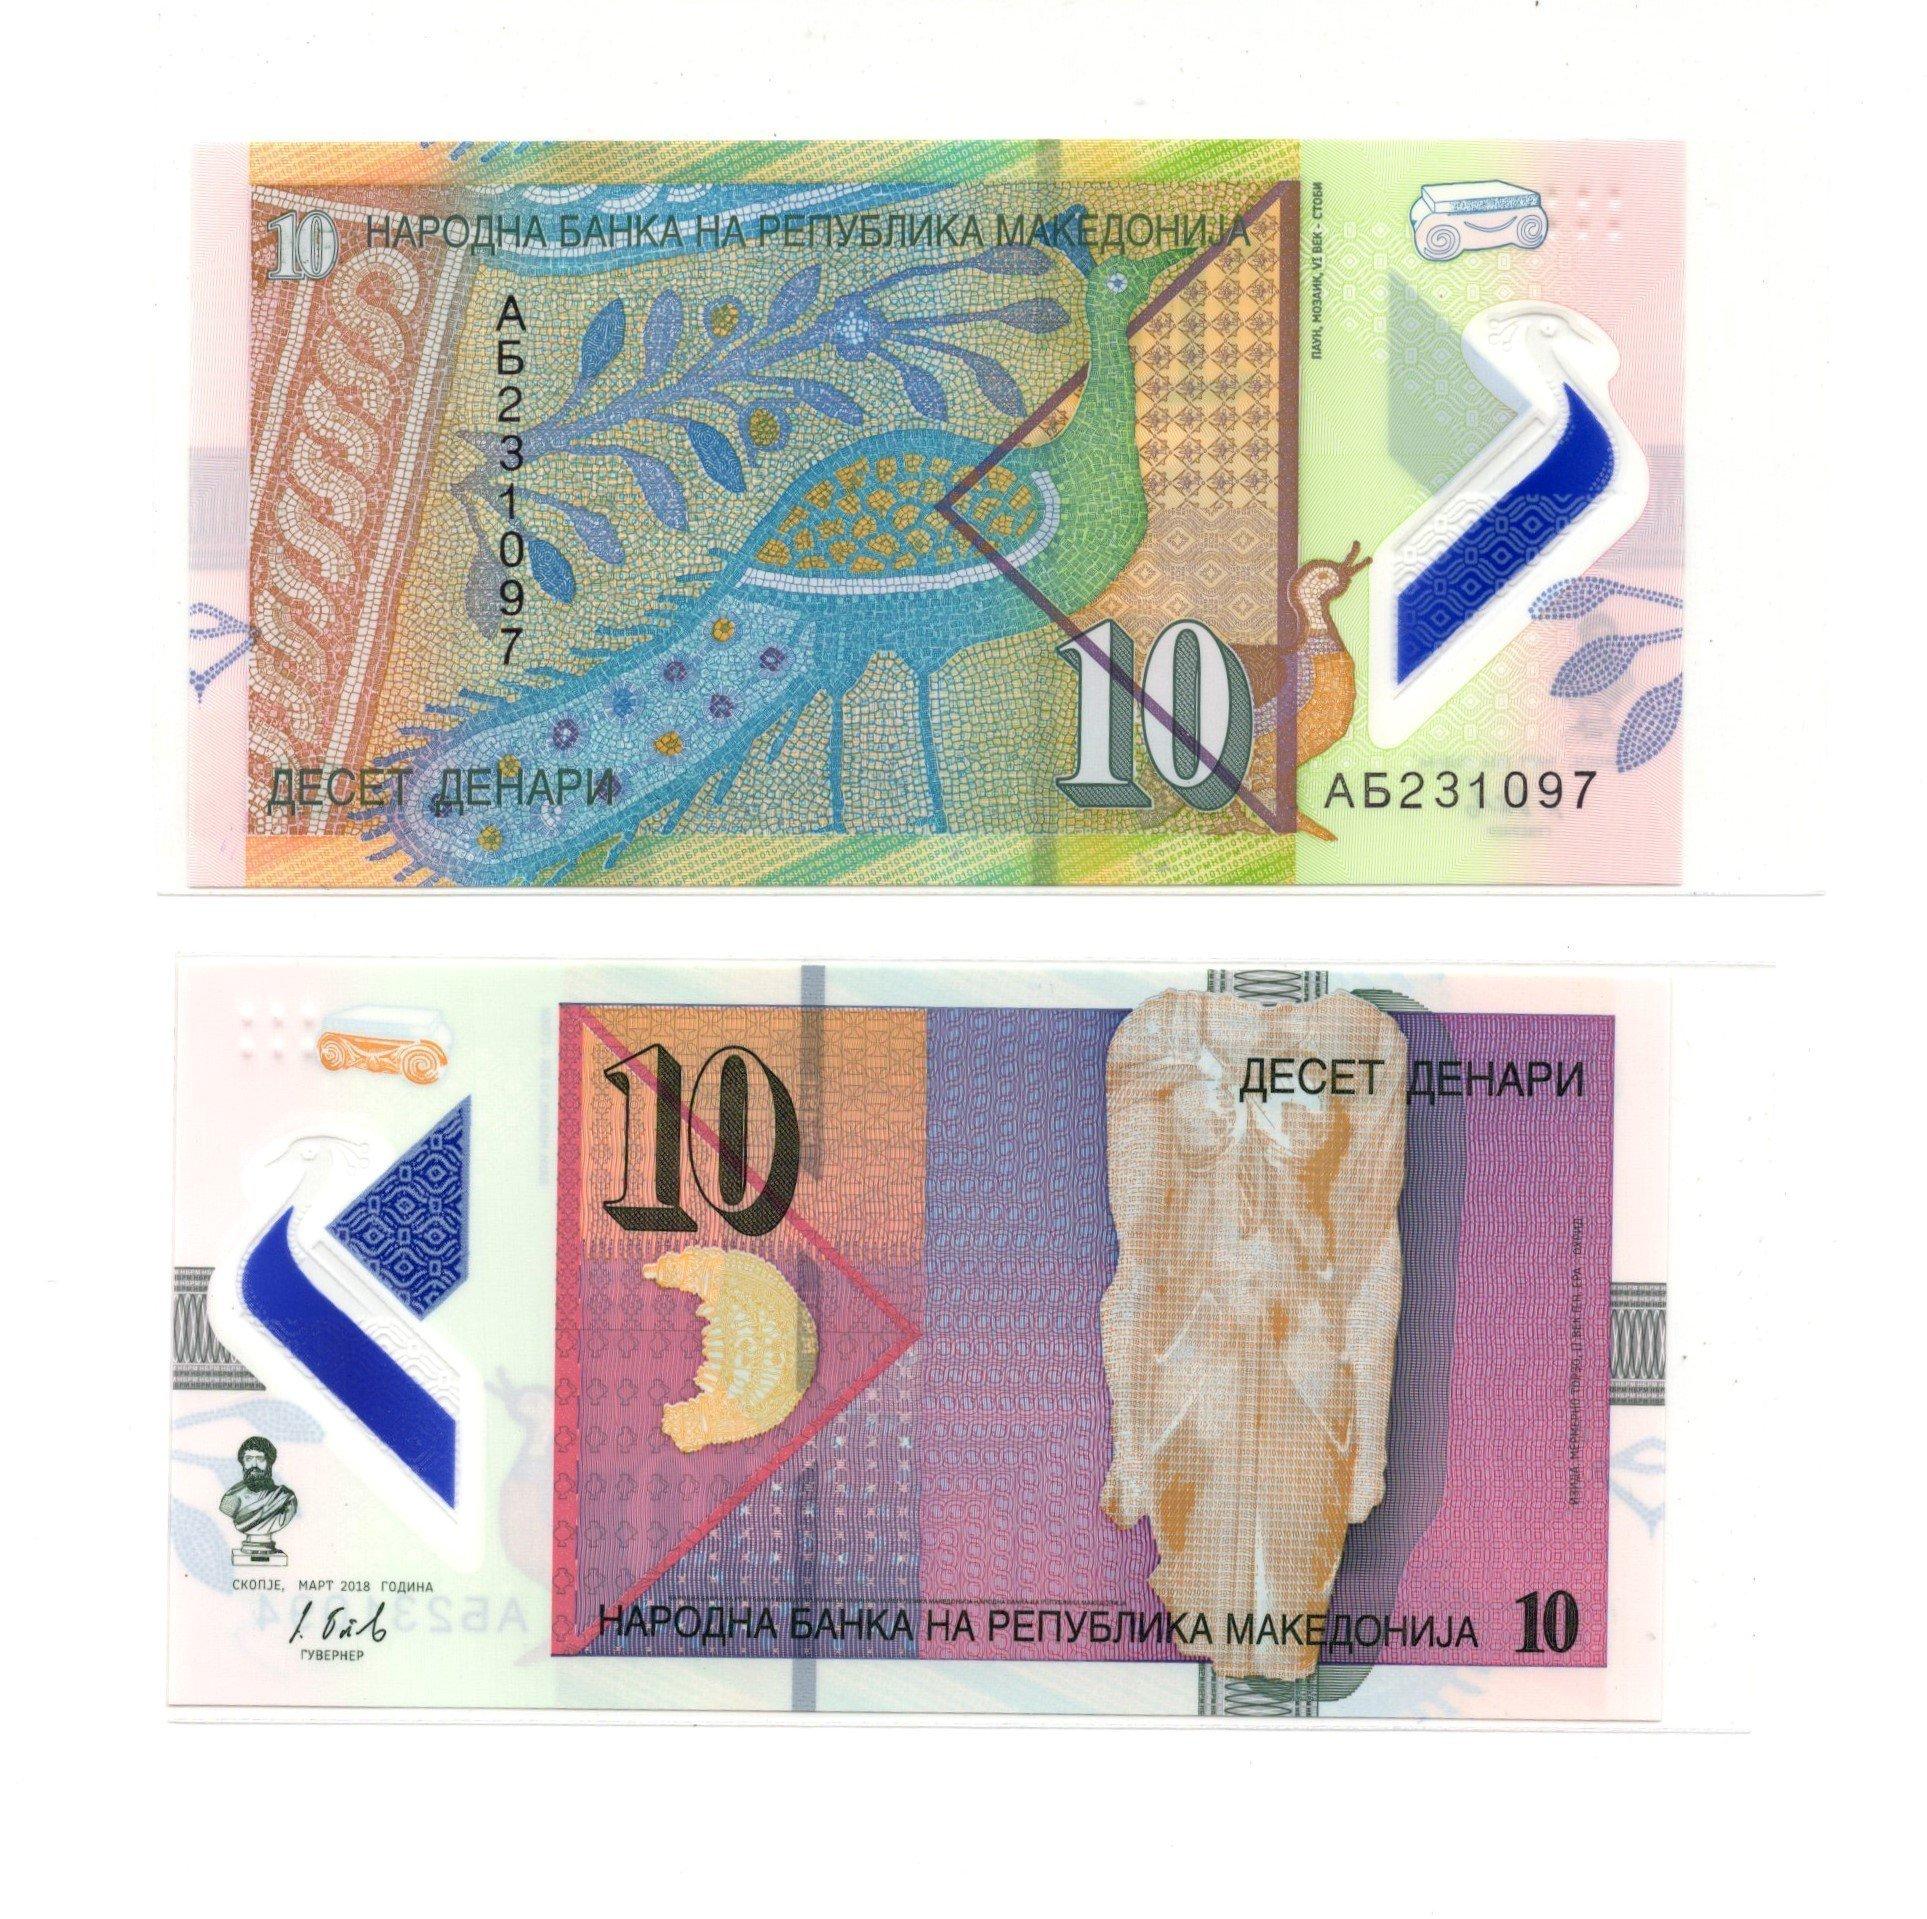 Macedonia 10 dinara polymer